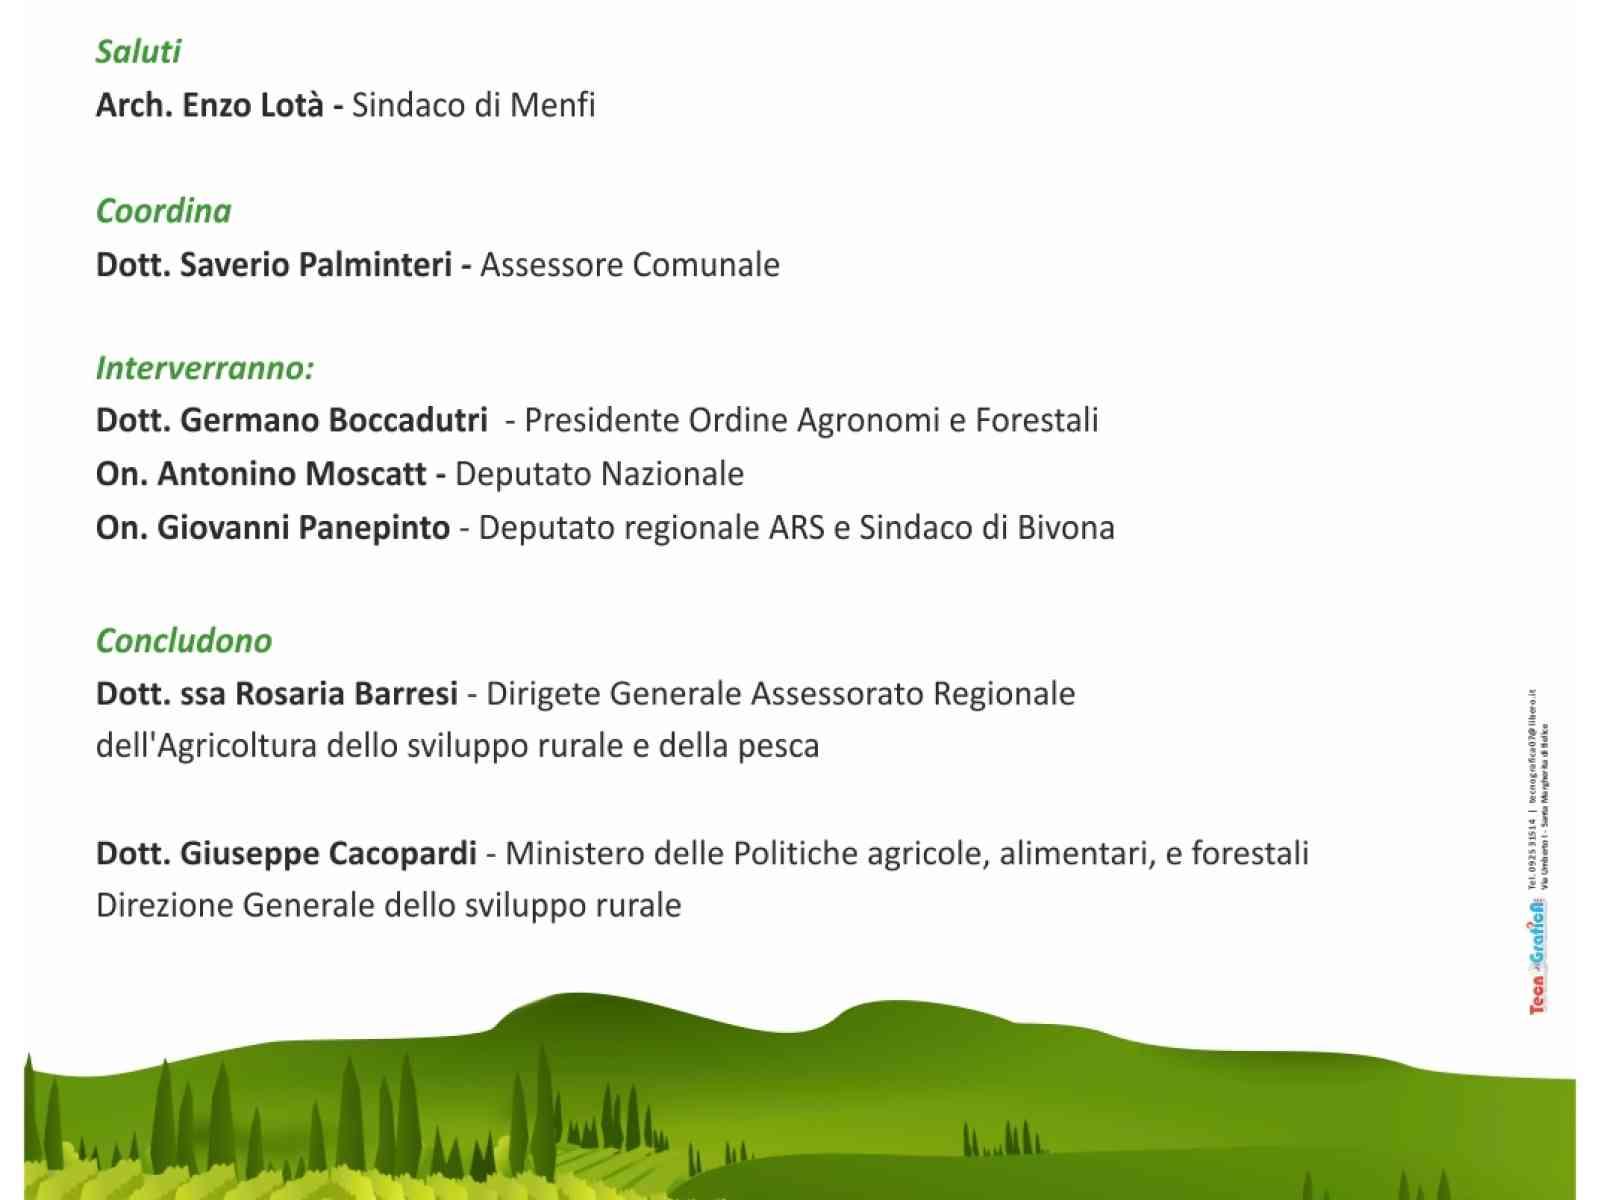 """""""#RisorsaAgricoltura: Prospettive ed Opportunità"""". Venerdì a Menfi la Dirigente dell'Assessorato Regionale dell'Agricoltura"""